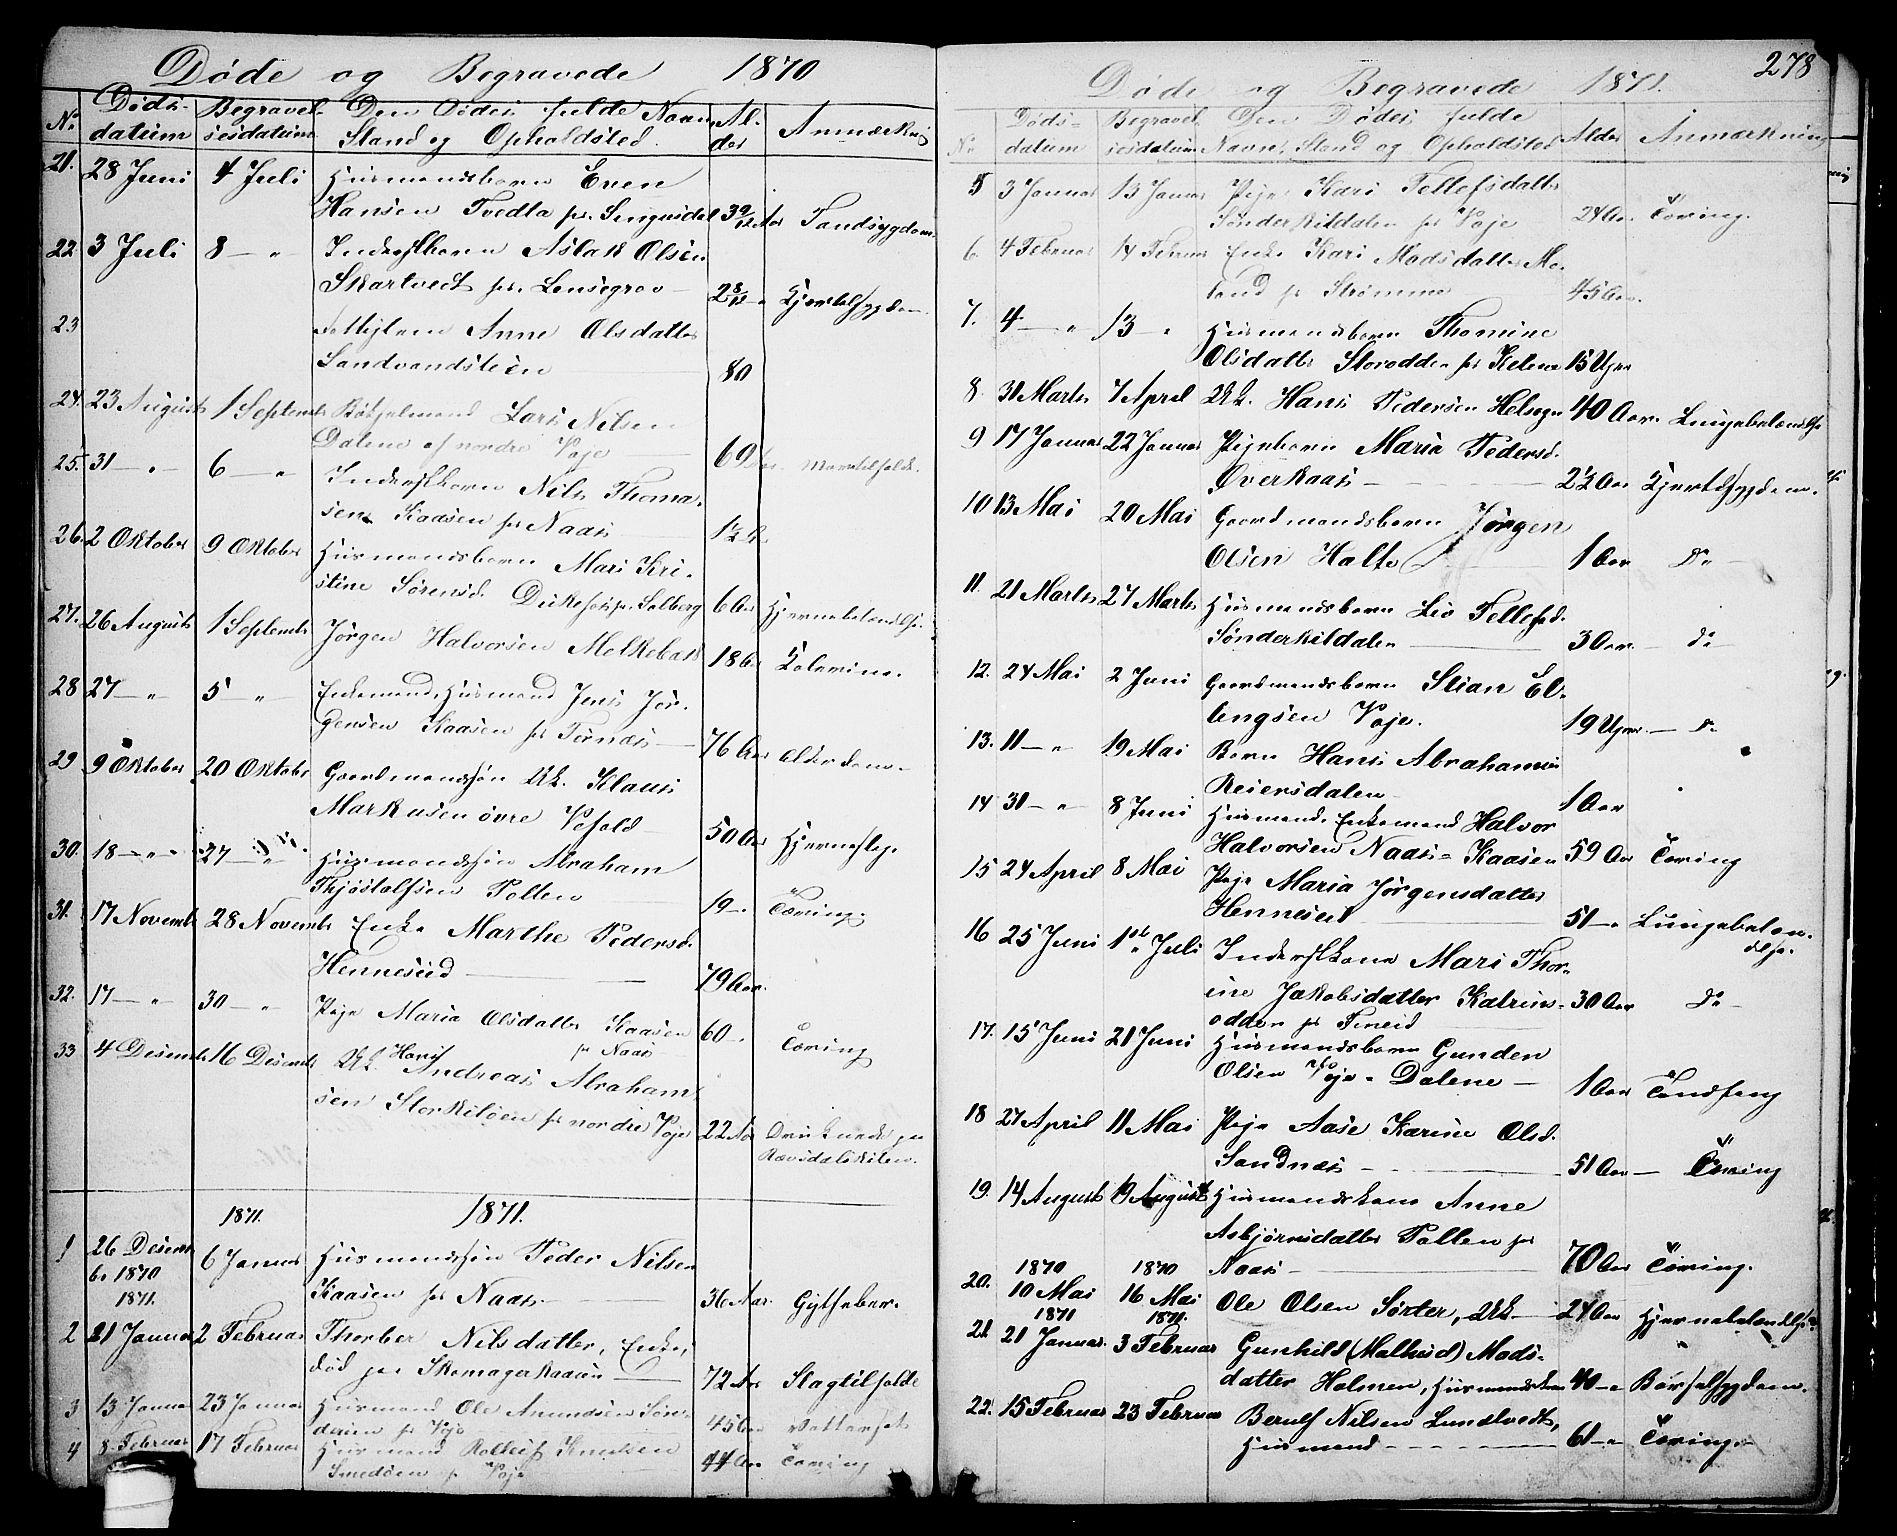 SAKO, Drangedal kirkebøker, G/Ga/L0002: Klokkerbok nr. I 2, 1856-1887, s. 278